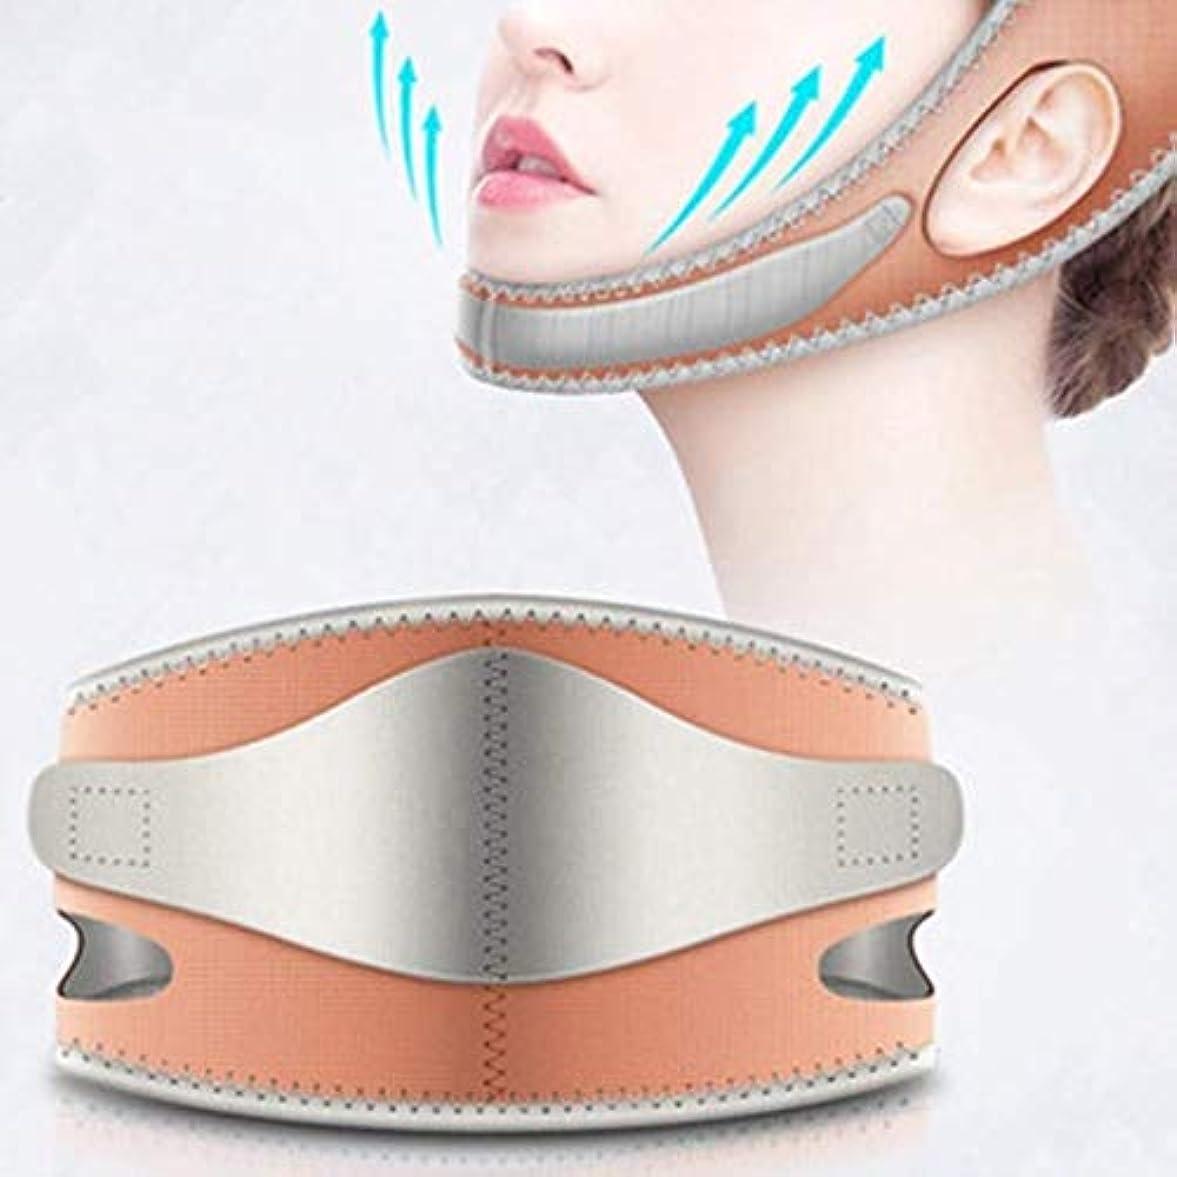 にまさに隔離するフェイスリフティング痩身Vフェイスマスクフルカバレッジ包帯減らす顔の二重あごケア減量美容ベルト通気性